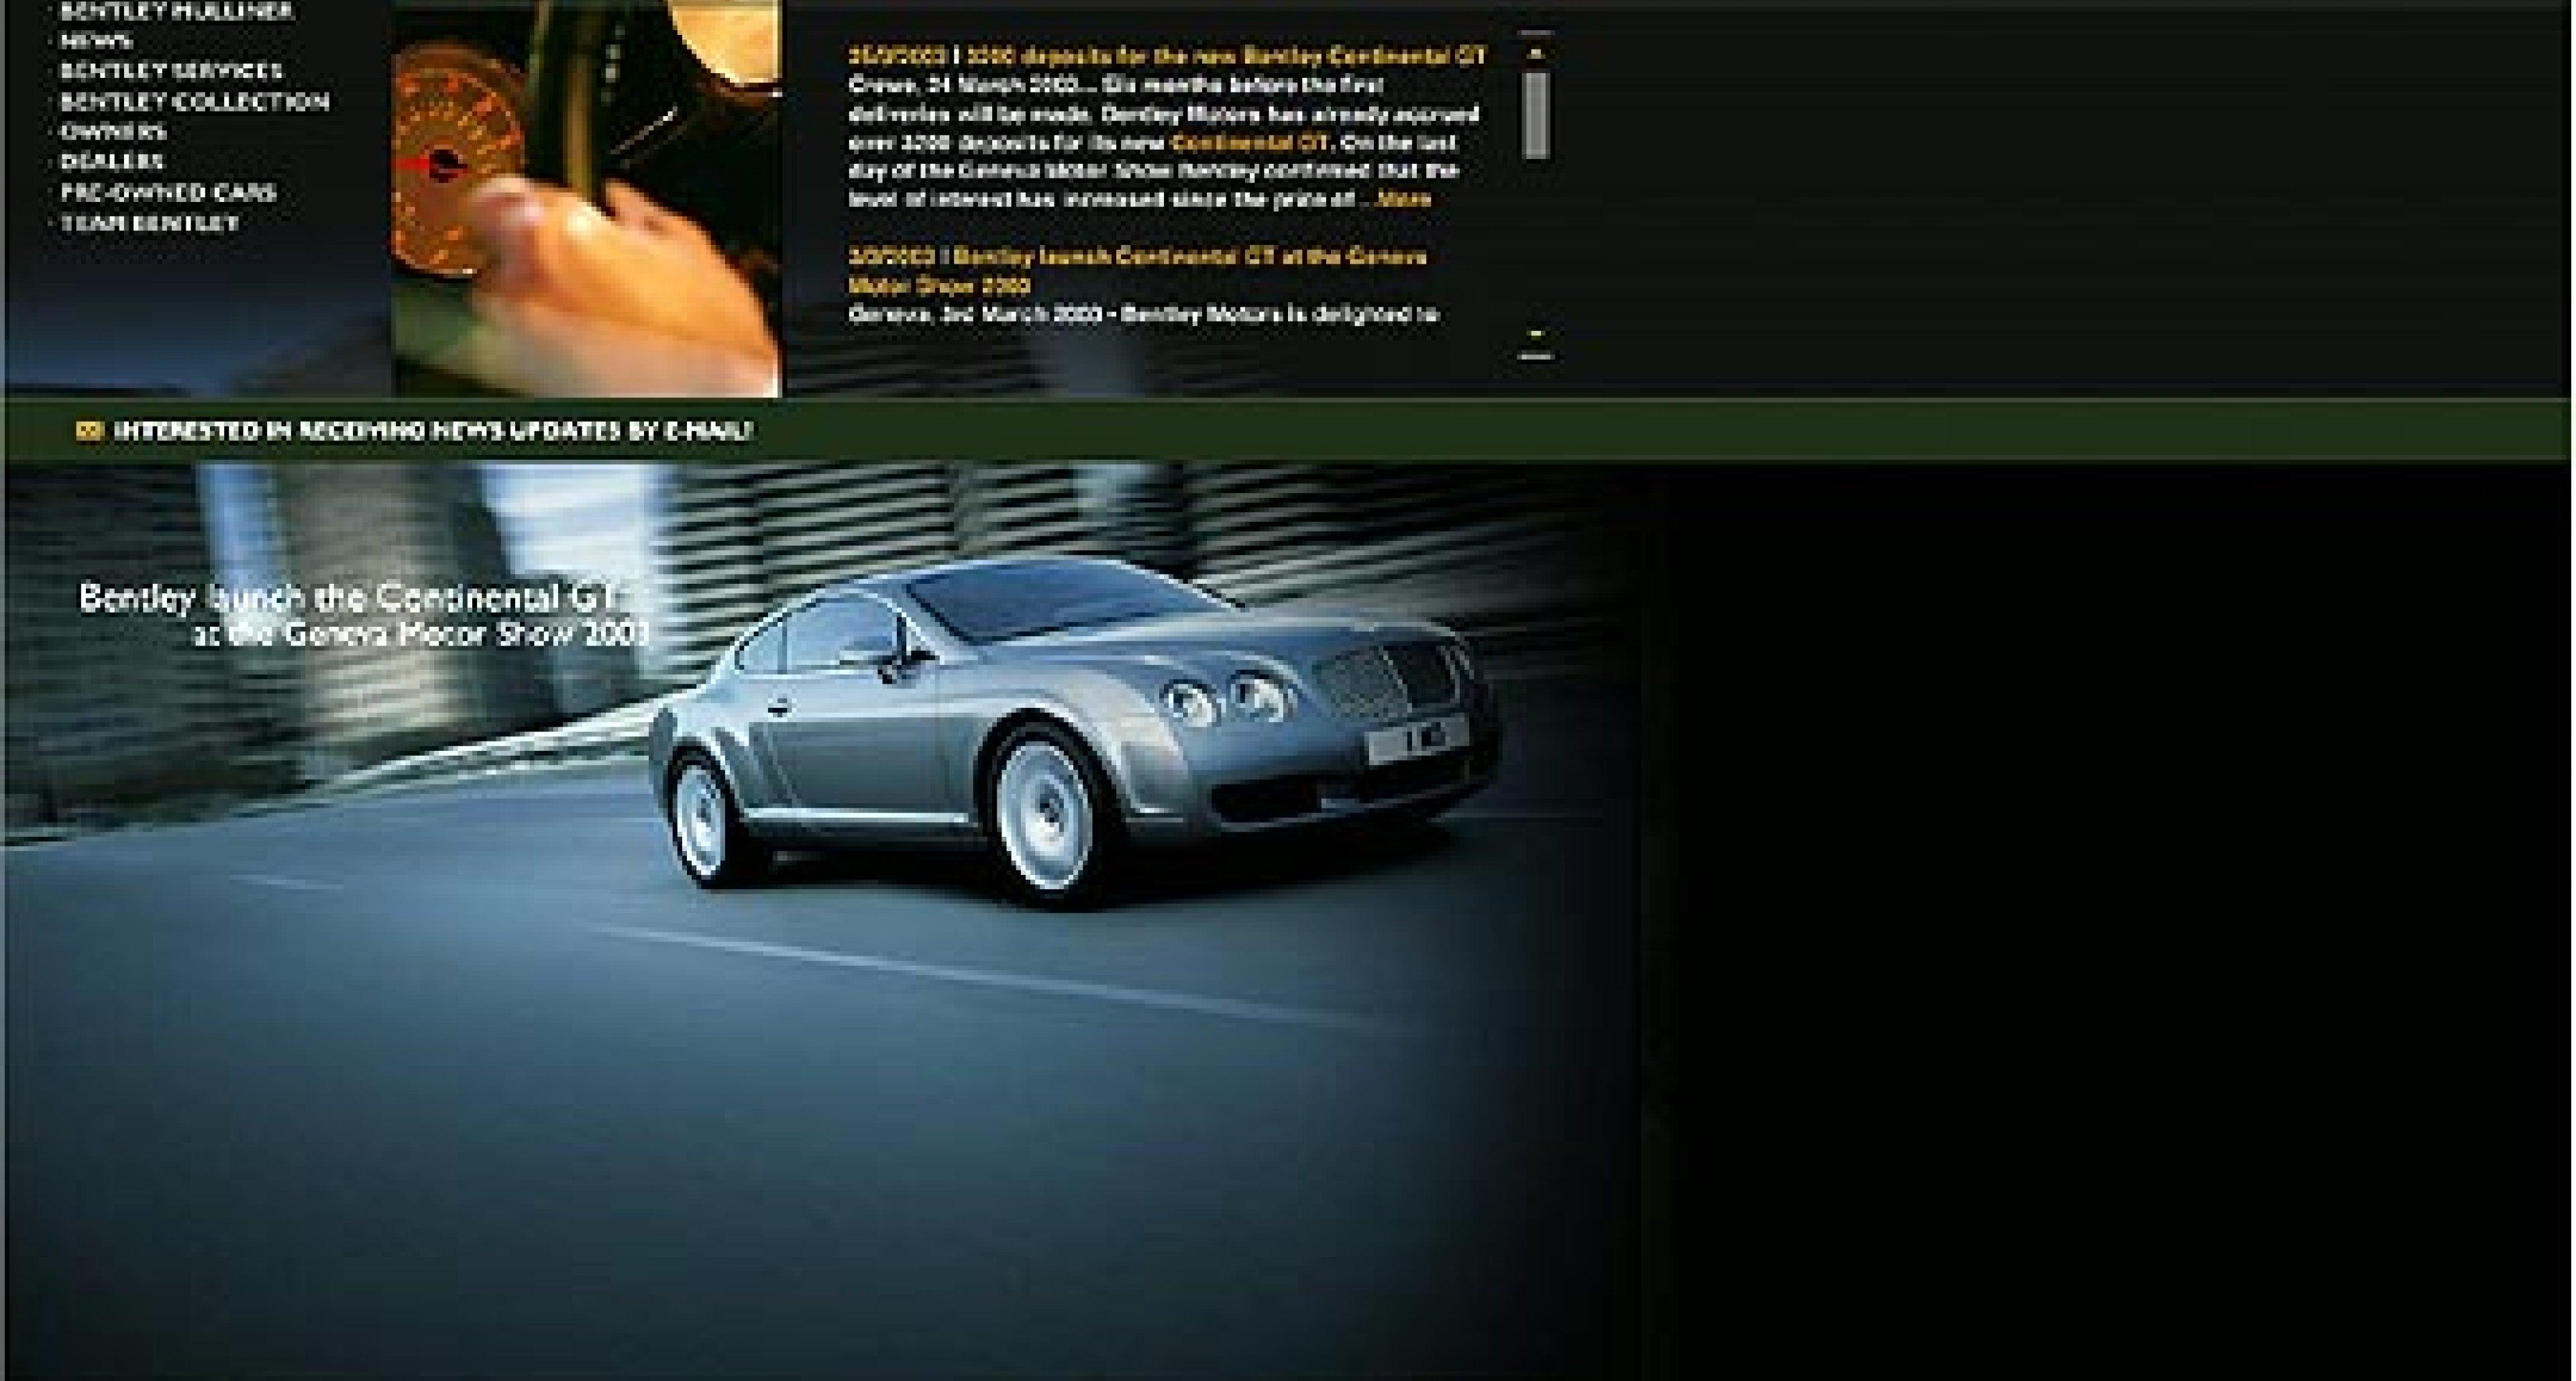 Bentleymotors.com: Neuer Bentley Internetauftritt